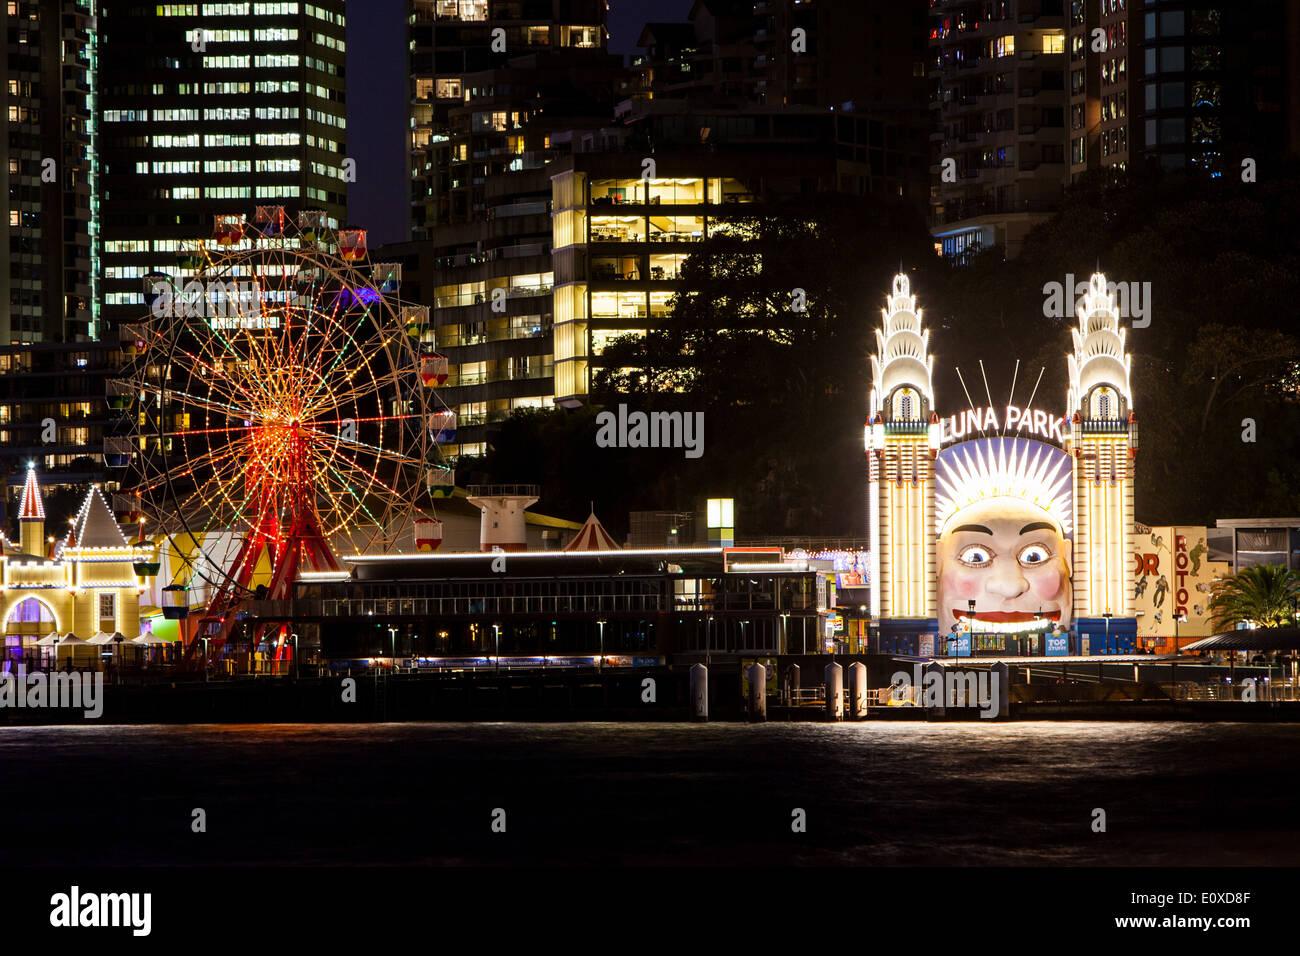 El Luna Park, en una clara noche de otoño en Sydney, Australia Imagen De Stock